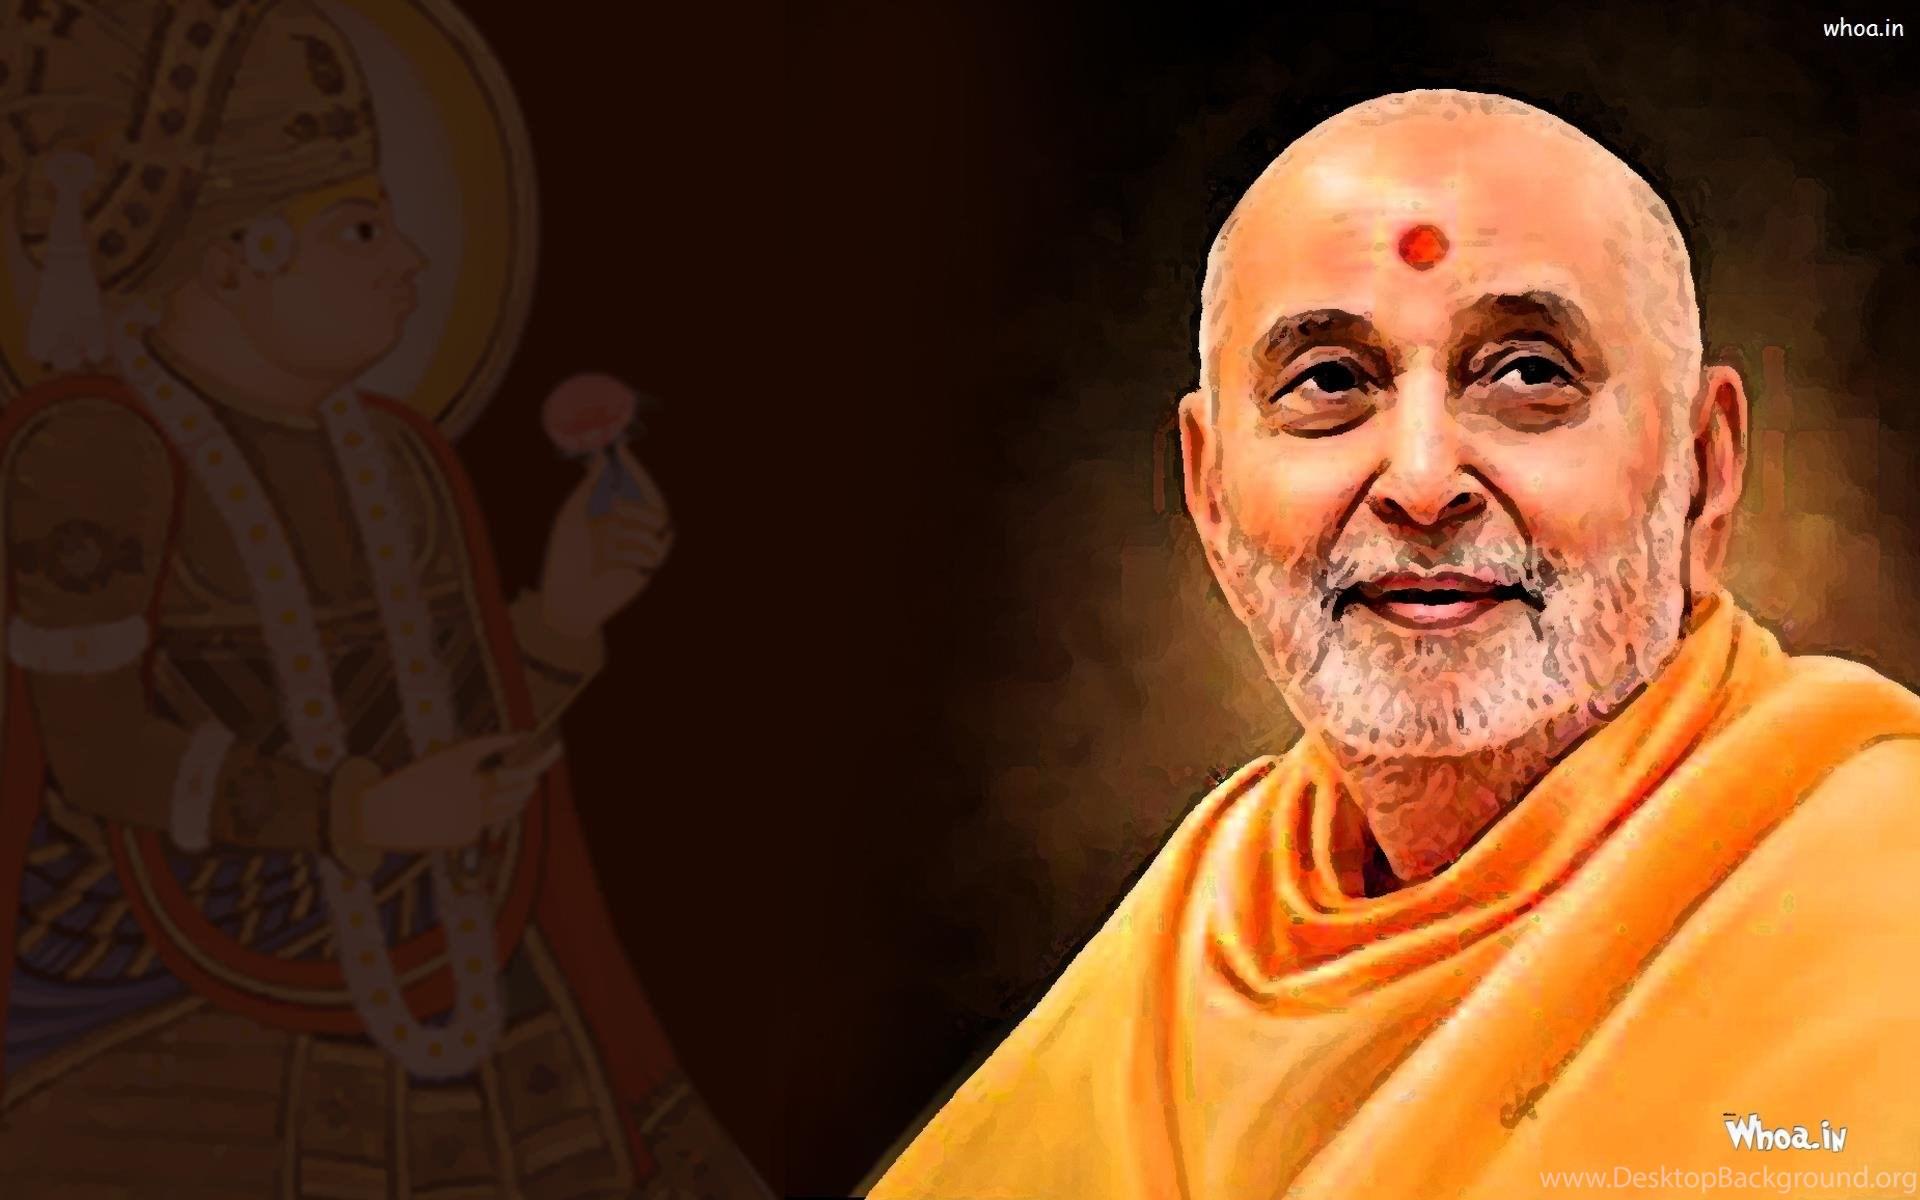 Lord Swaminarayan Hq Wallpapers For Desktop Pc Baps Swaminarayan